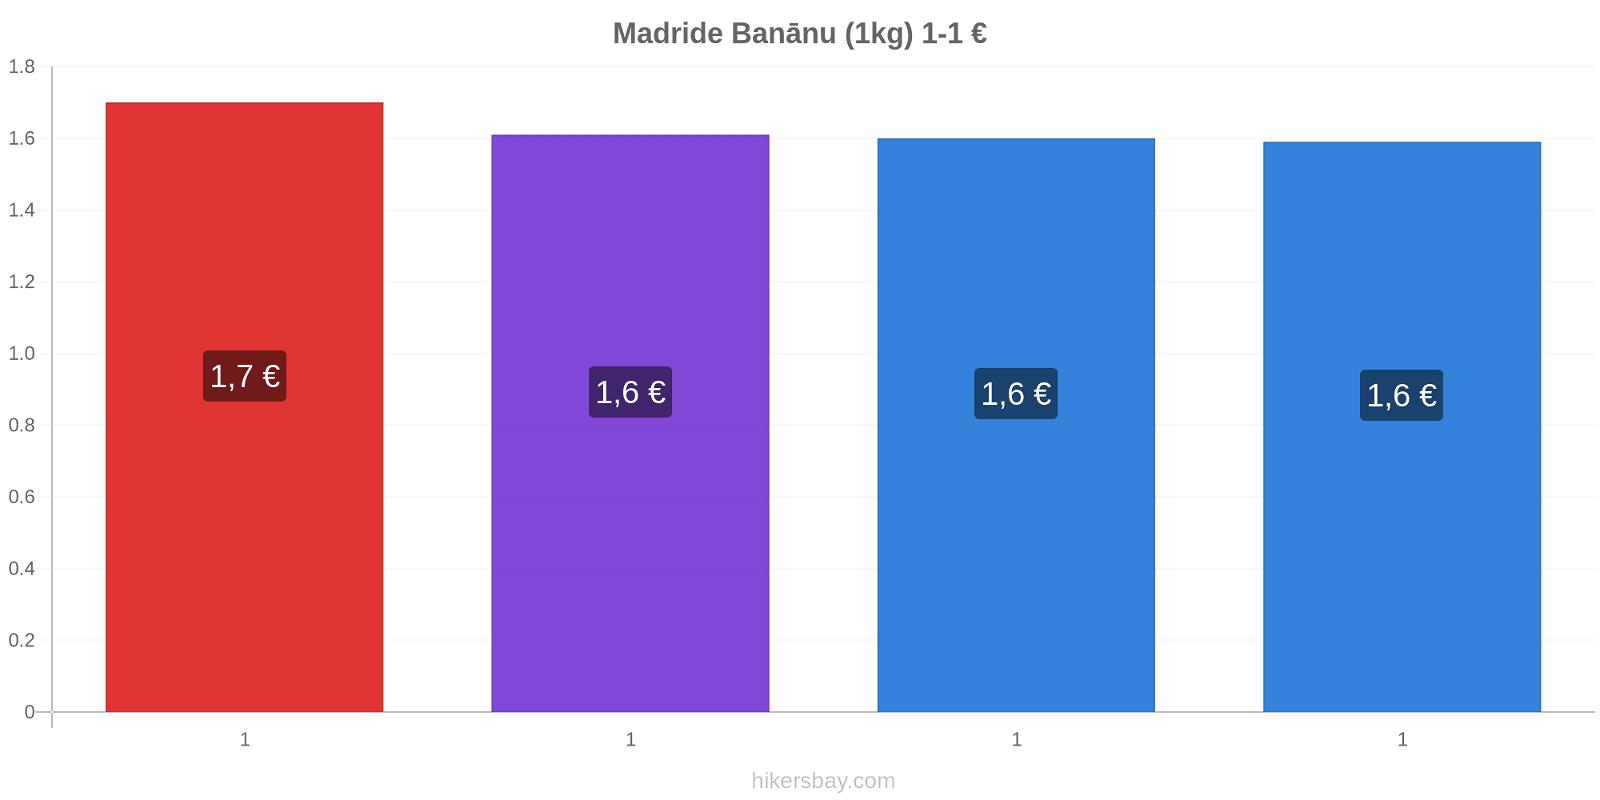 Madride cenu izmaiņas Banānu (1kg) hikersbay.com